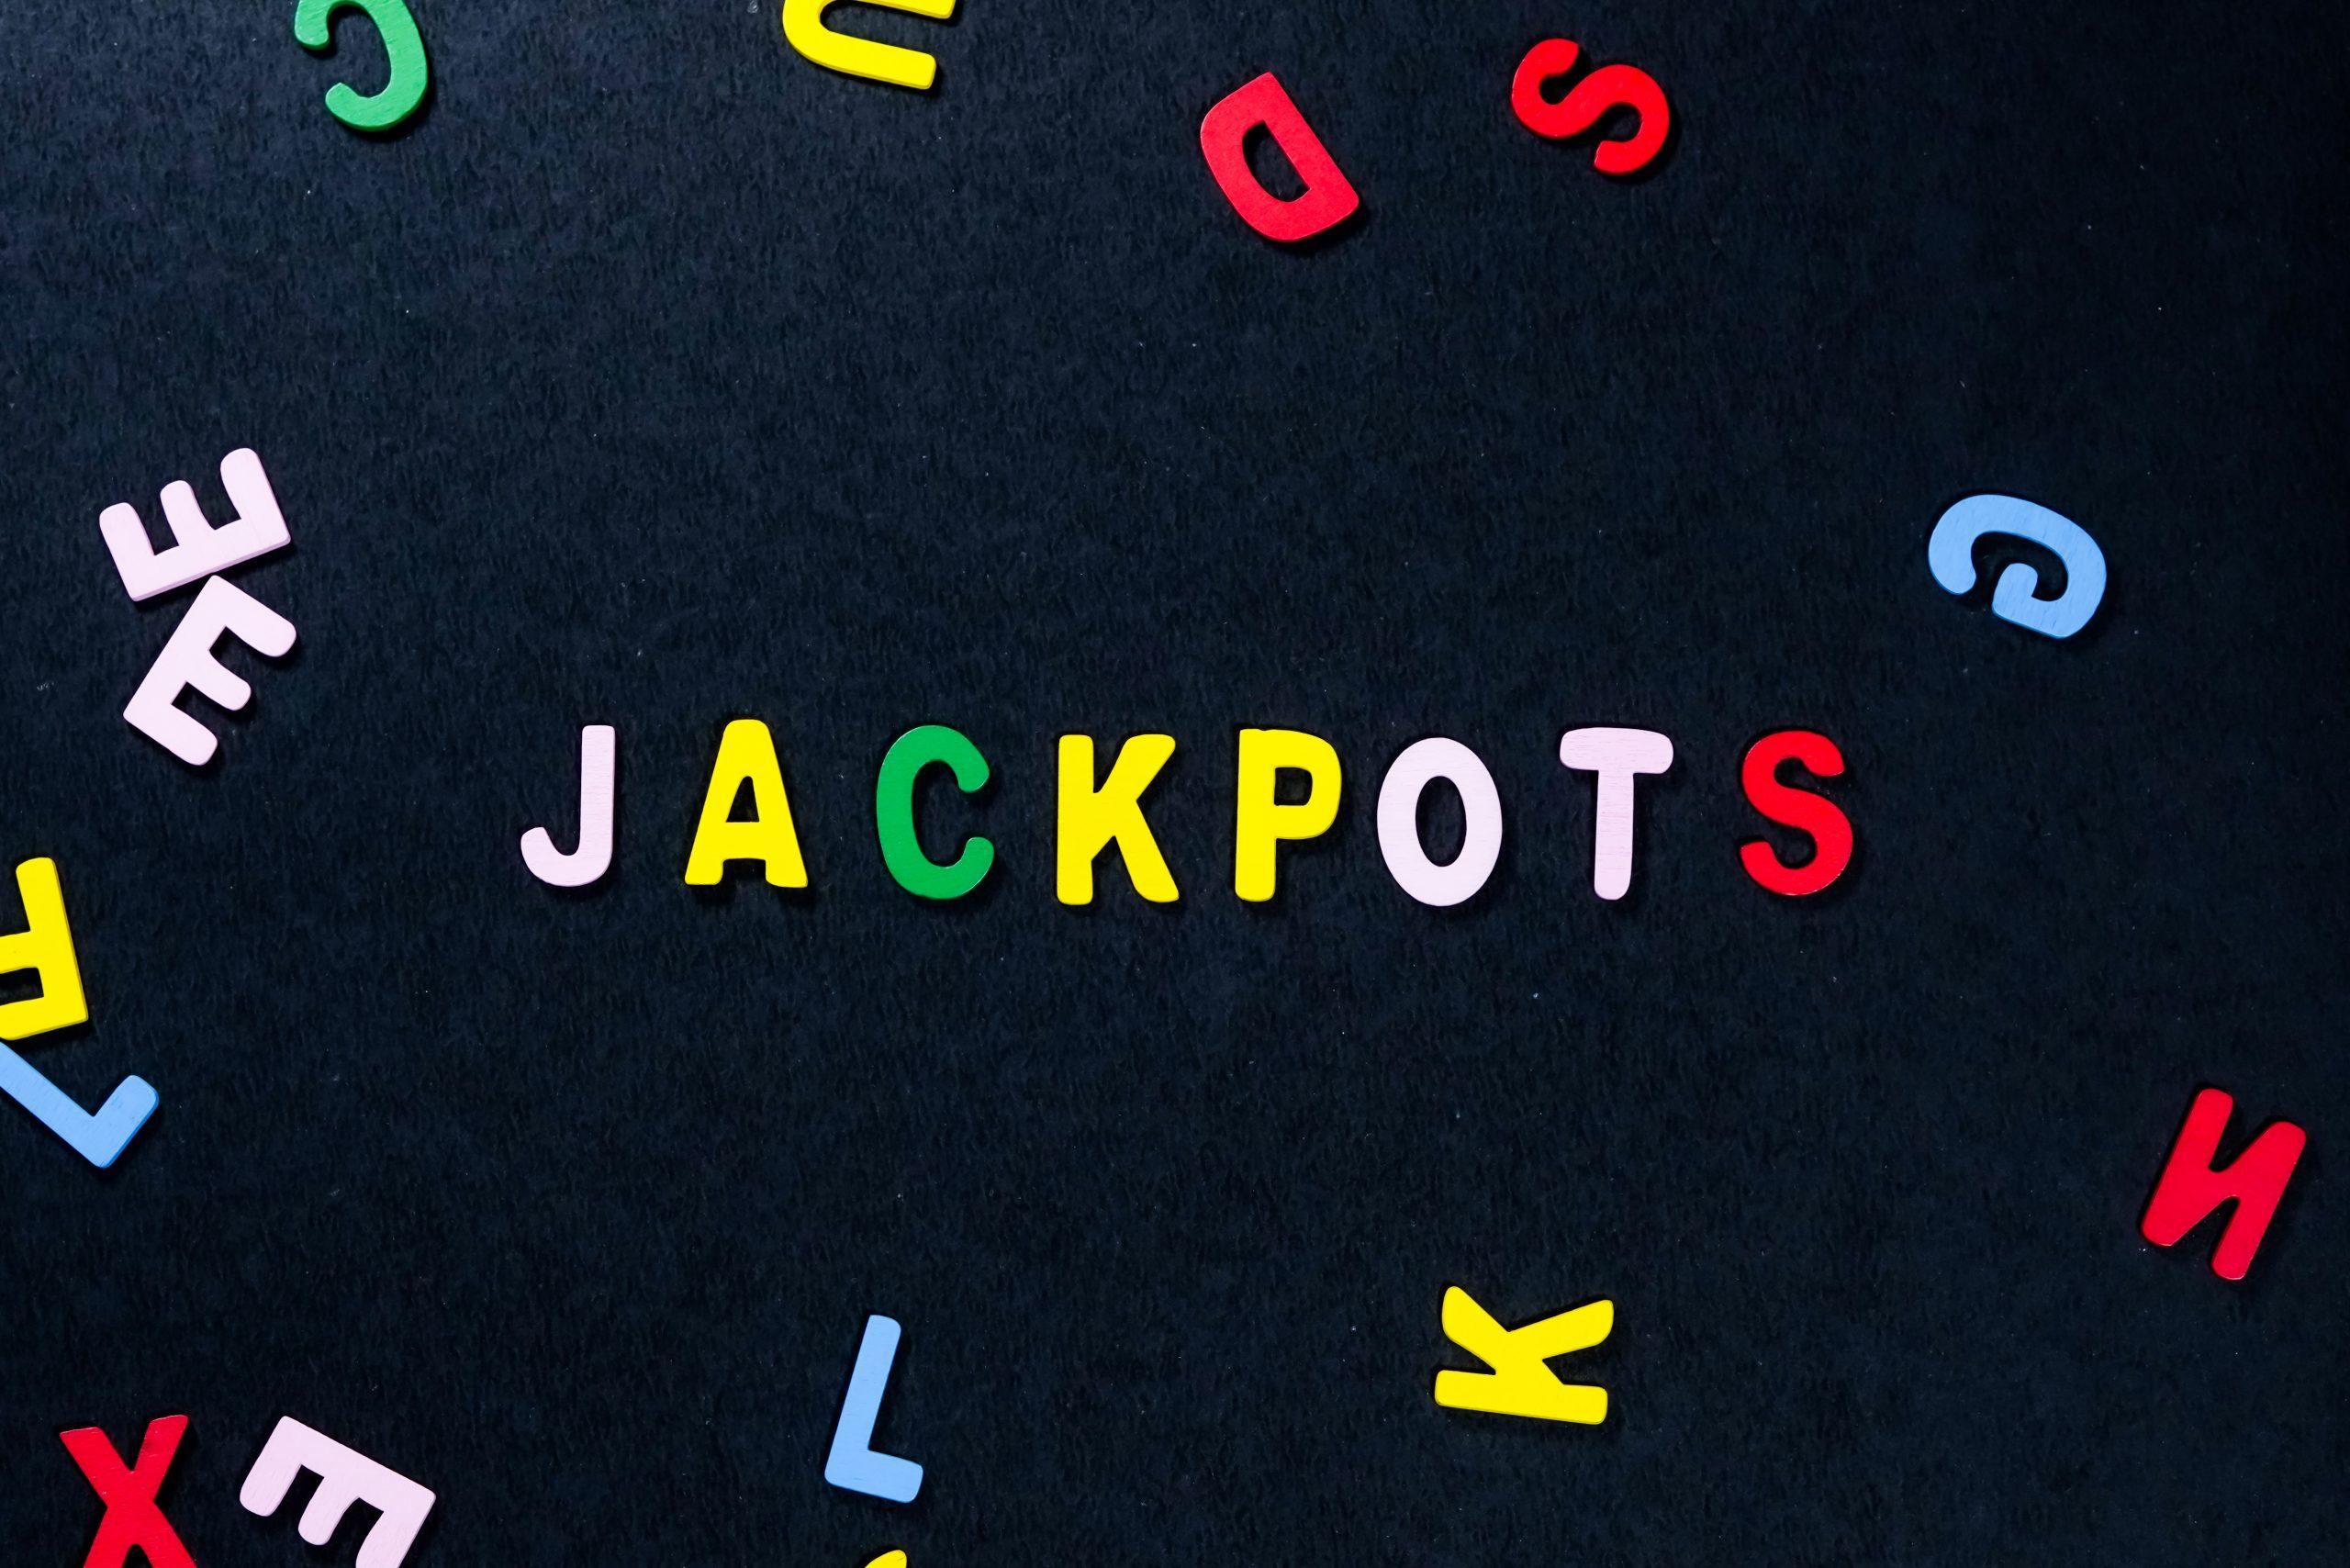 Jackpots written on scrabble